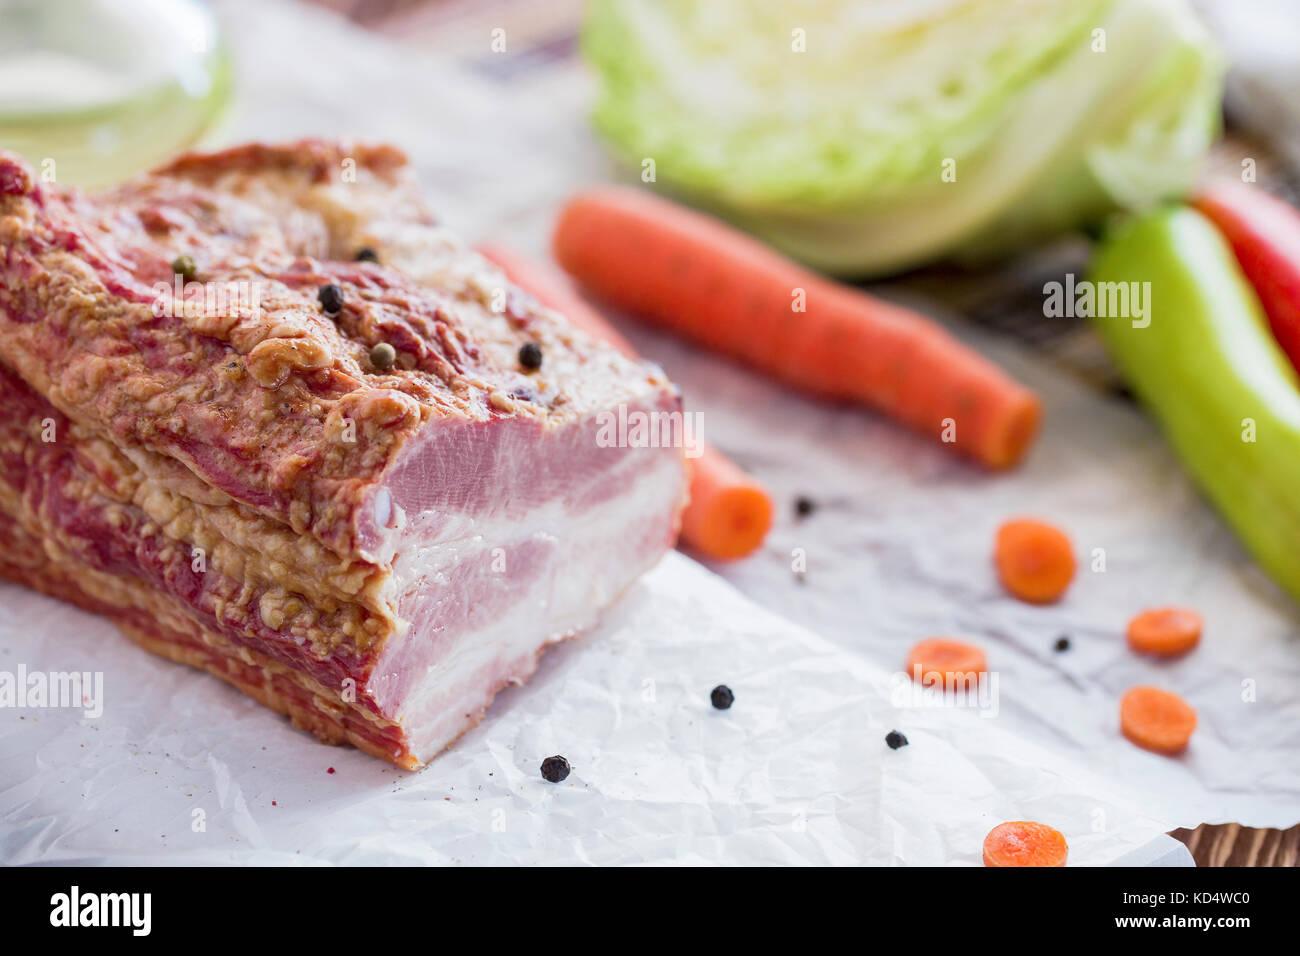 Geräuchertes Fleisch mit Gemüse auf braune Holztisch. geräuchertem rohen geschichtetes Fleisch mit Stockbild